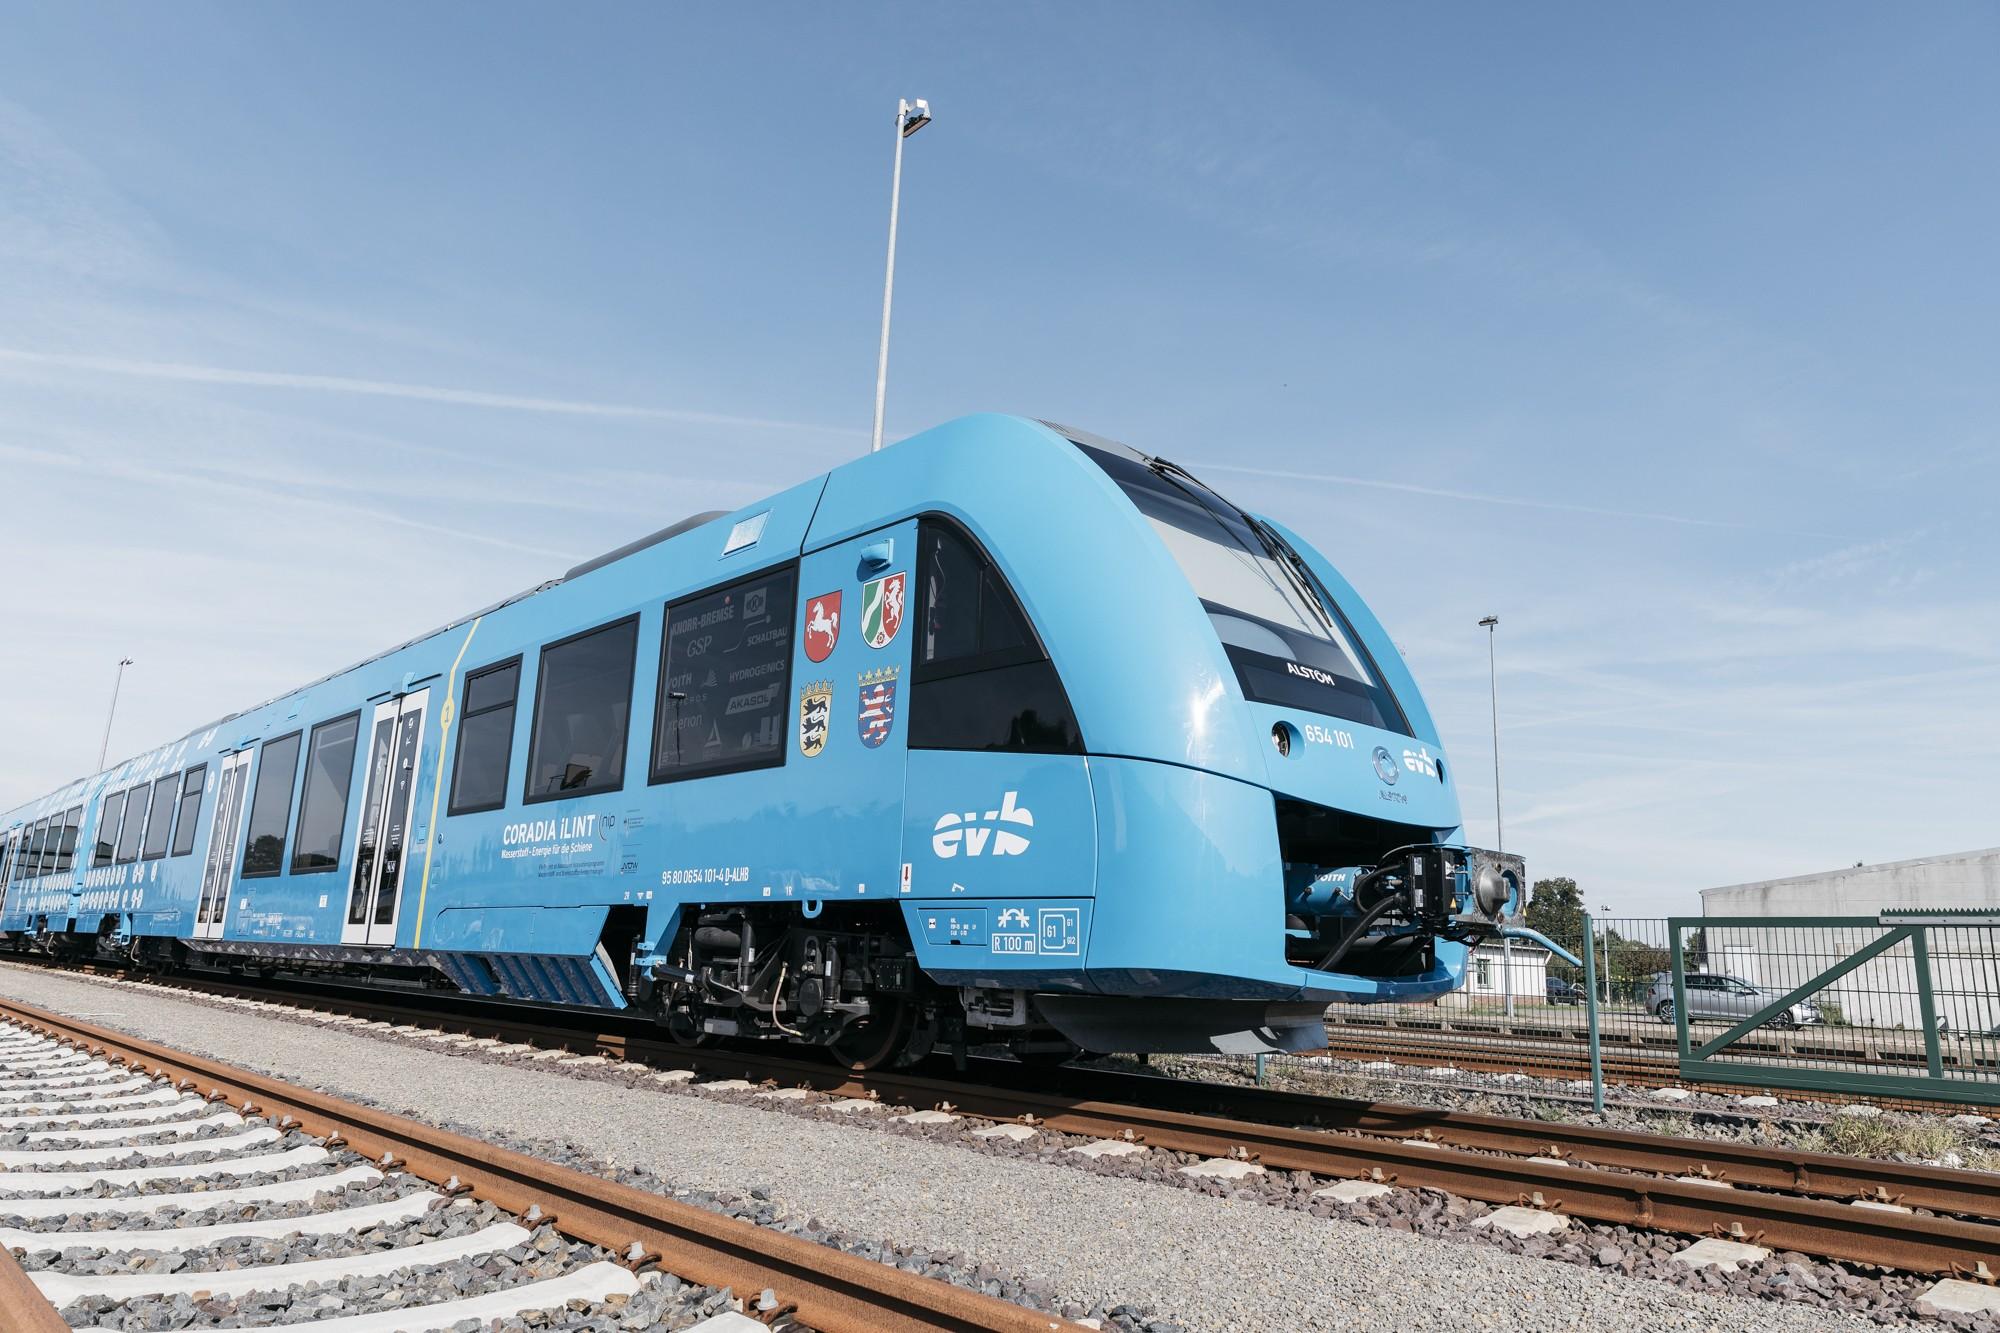 Primeiro trem comercial movido a hidrogênio. (Foto: Divulgação / Alston)